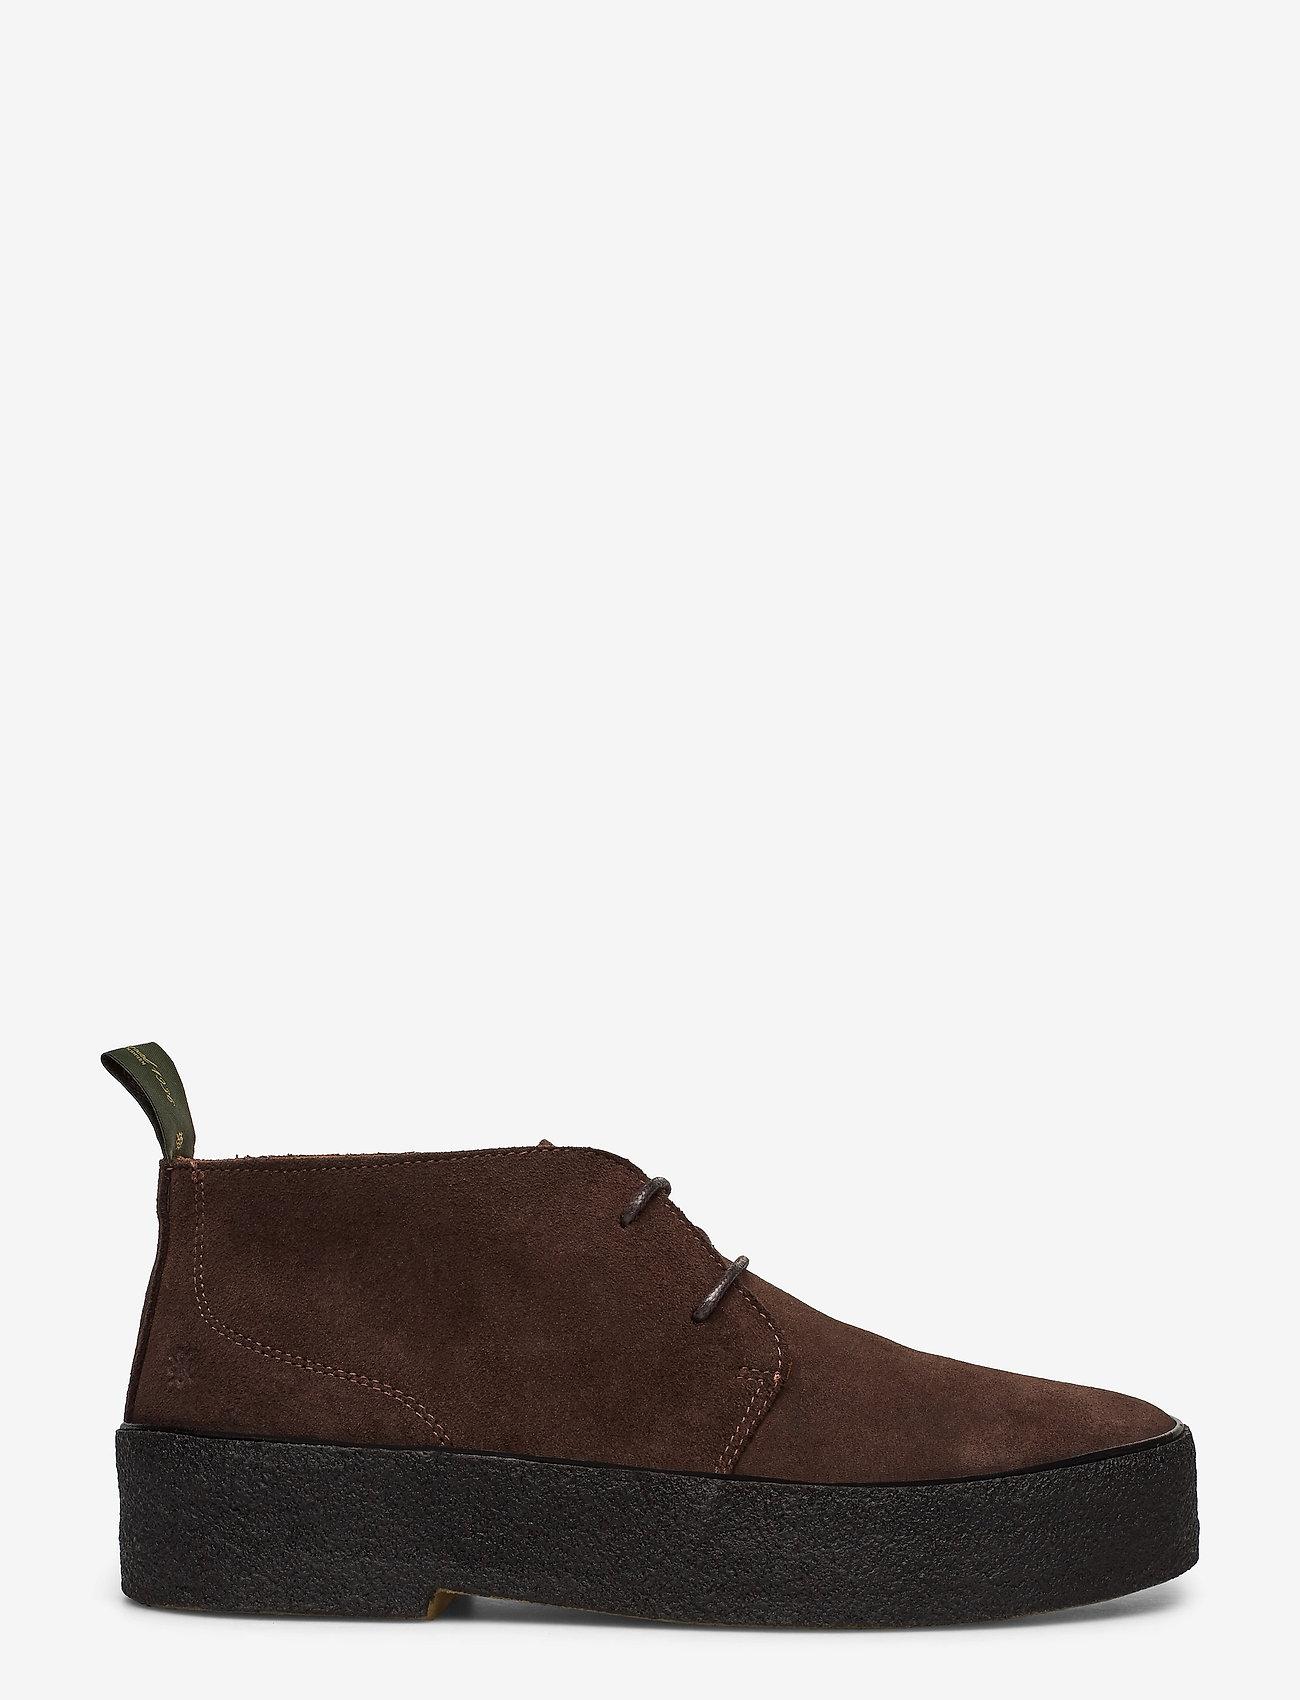 The Original Playboy - ORG.32 - desert boots - brown - 1